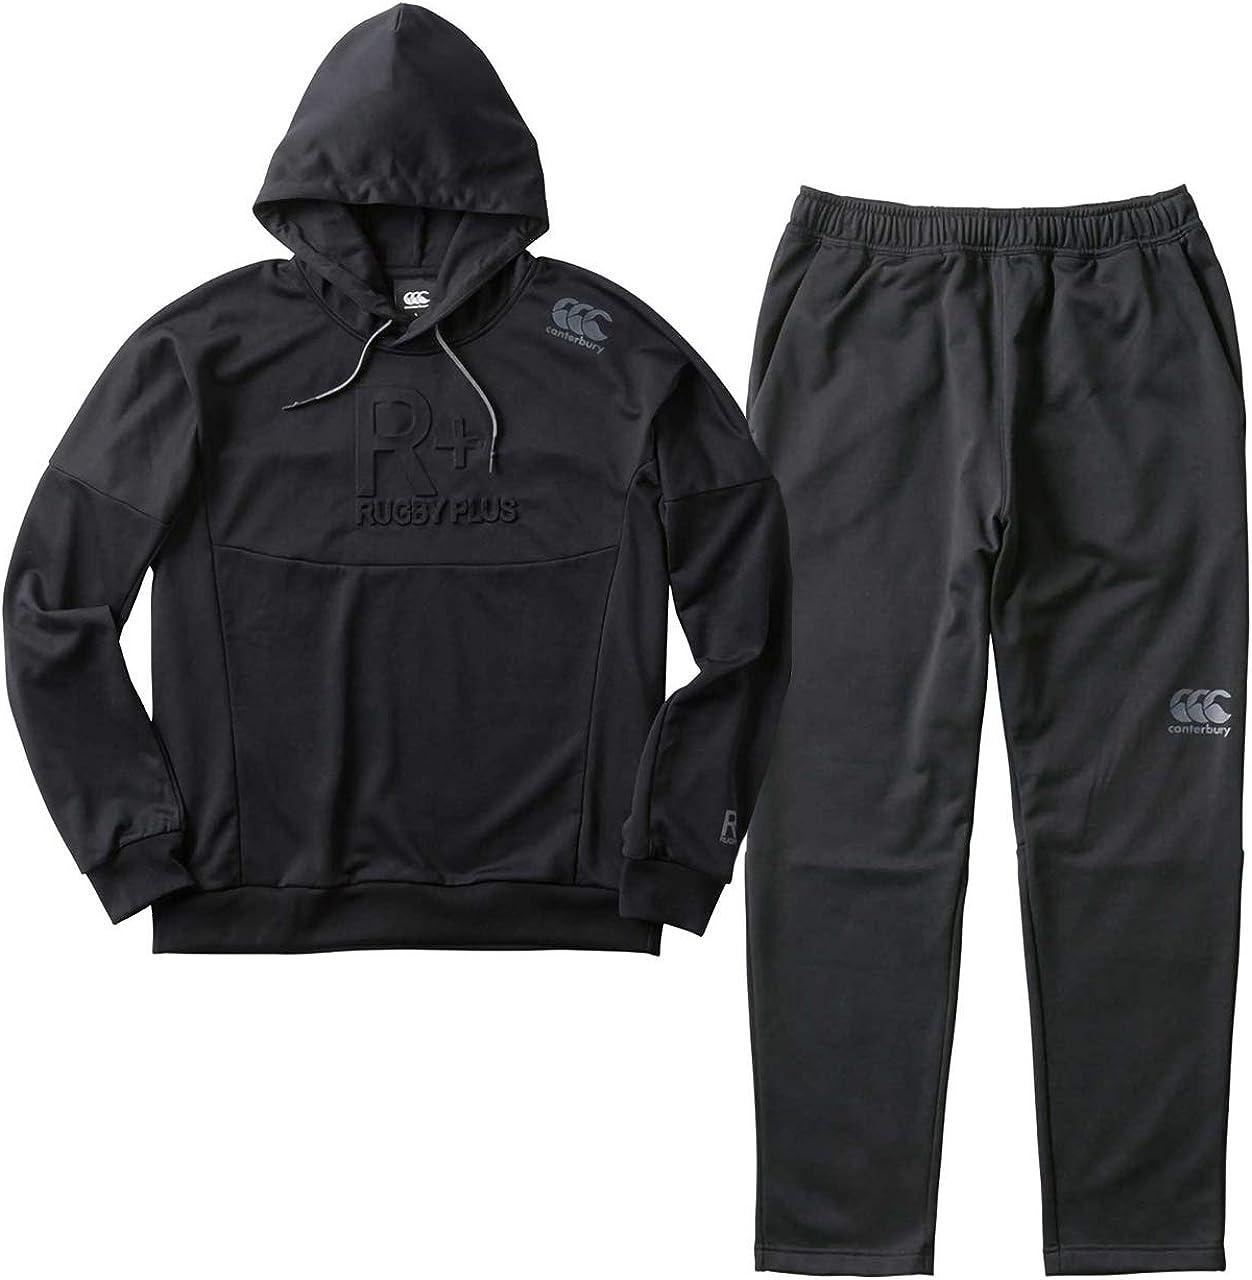 カンタベリー(canterbury) トレーニング スウェット フーディー&パンツ 上下セット(ブラック/ブラック) RP48531-19-RP18532-19 ブラック/ブラック M